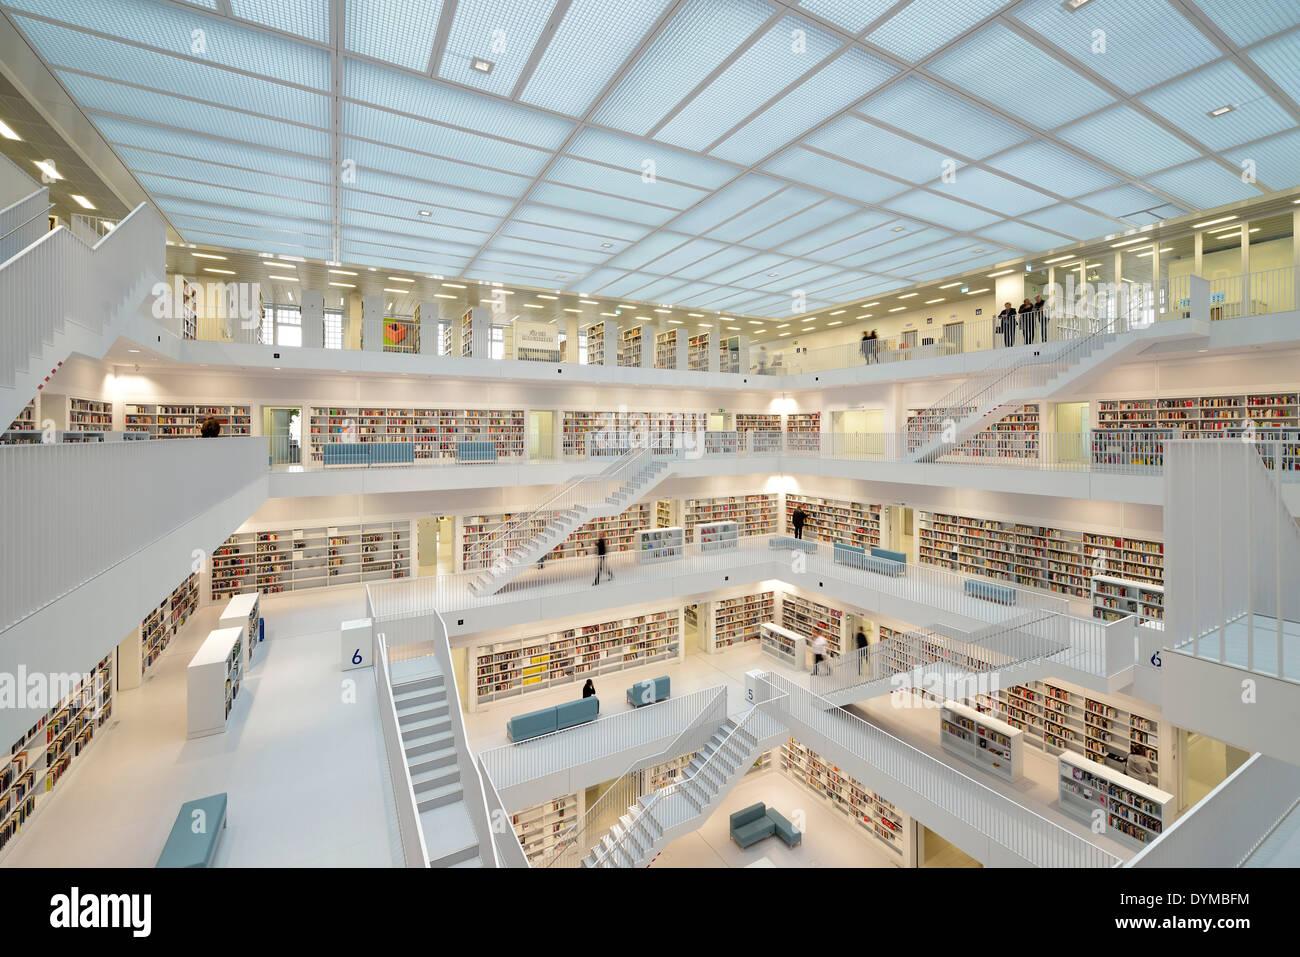 Galeriesaal mit Treppenaufgängen der Stadtbibliothek am Mailänder Platz, Architekt Eun Young Yi - Stock Image